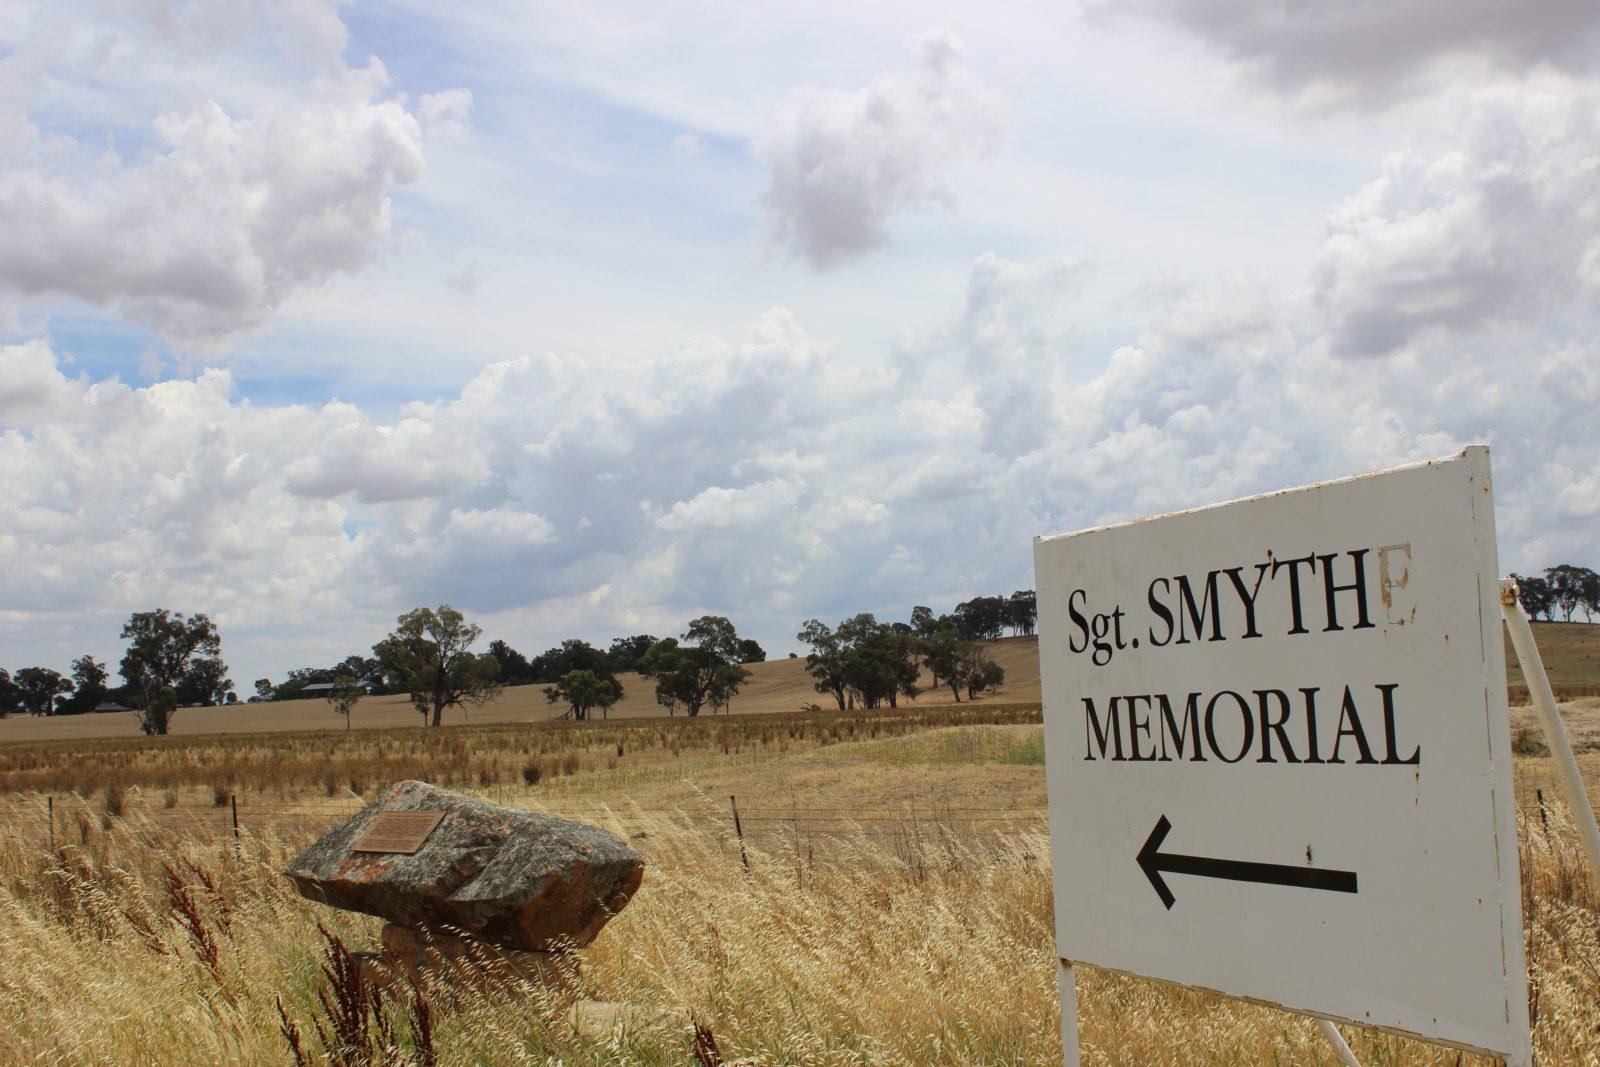 Sergeant Smyth Memorial